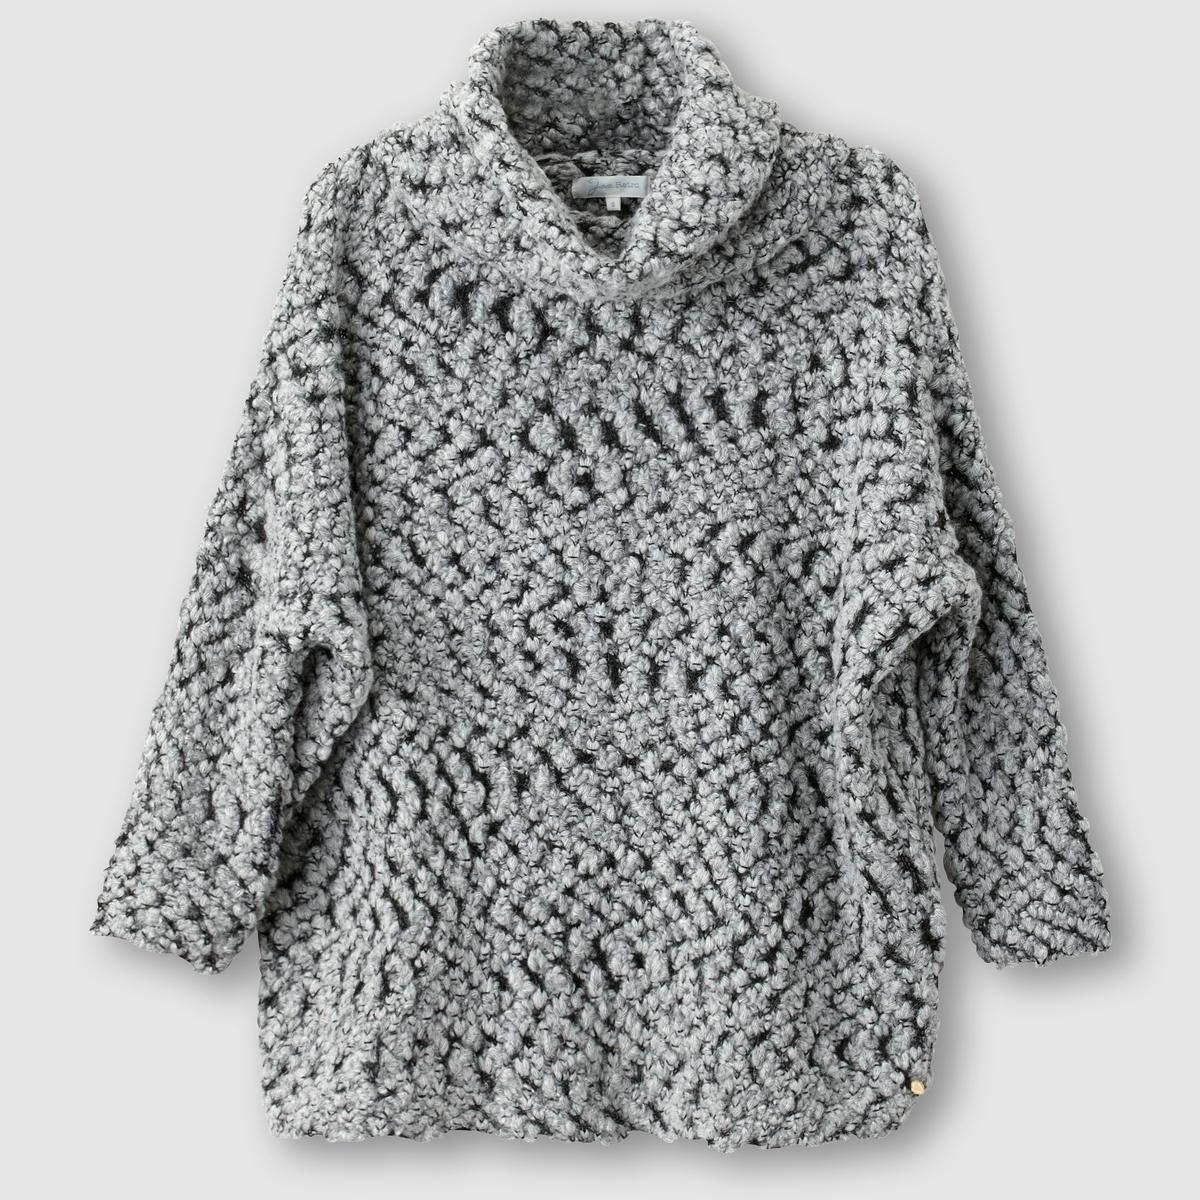 Пуловер с отворачивающимся воротником ETROHСостав и описание :Материал : 43% полиамида, 35% акрила, 11% шерсти, 11% мохера Марка : JOE RETRO<br><br>Цвет: серый